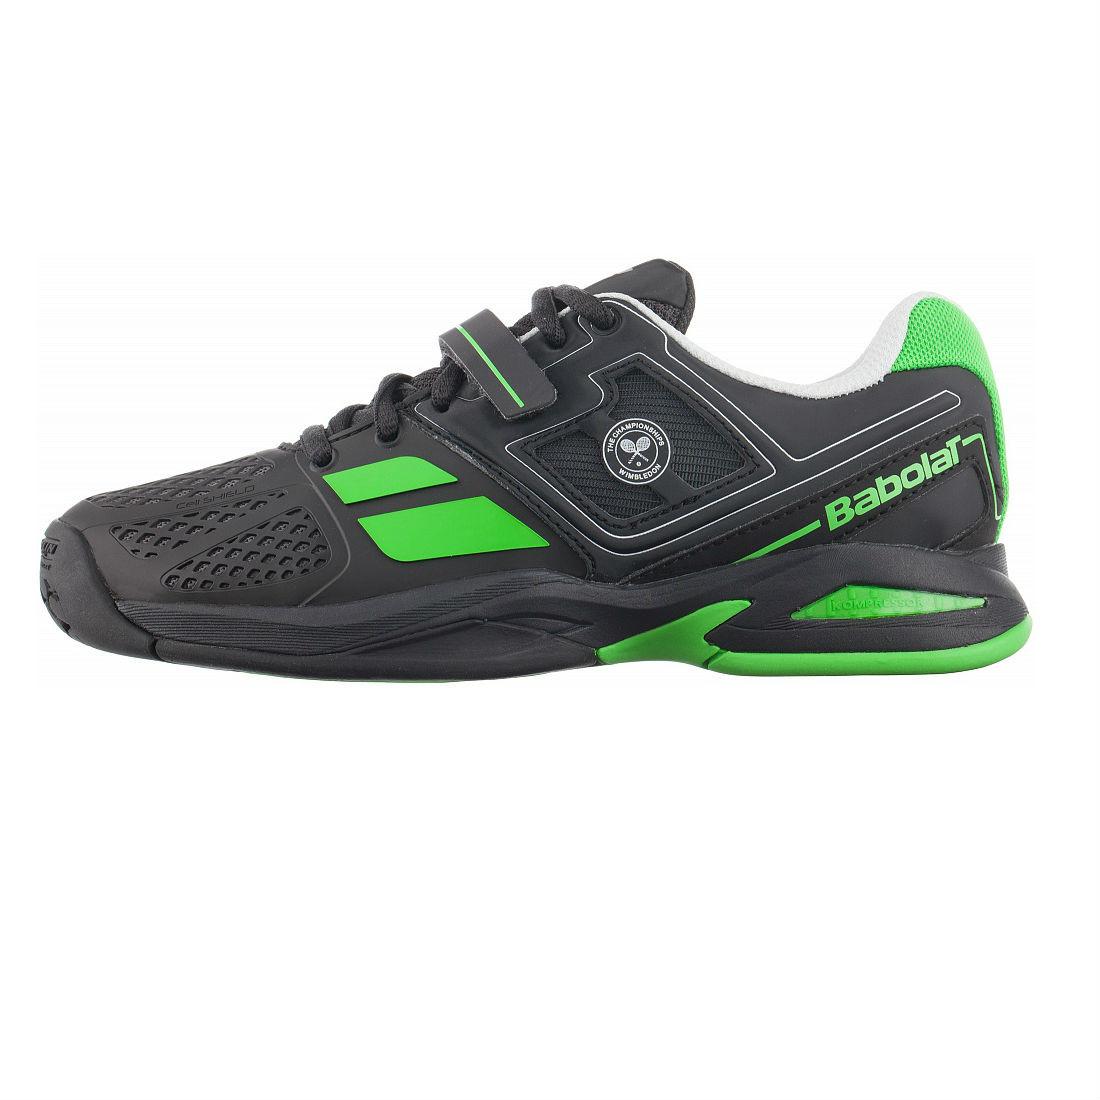 Кроссовки теннисные детские BABOLAT Propulse BPM AC Junior black/green (33S1577/166)